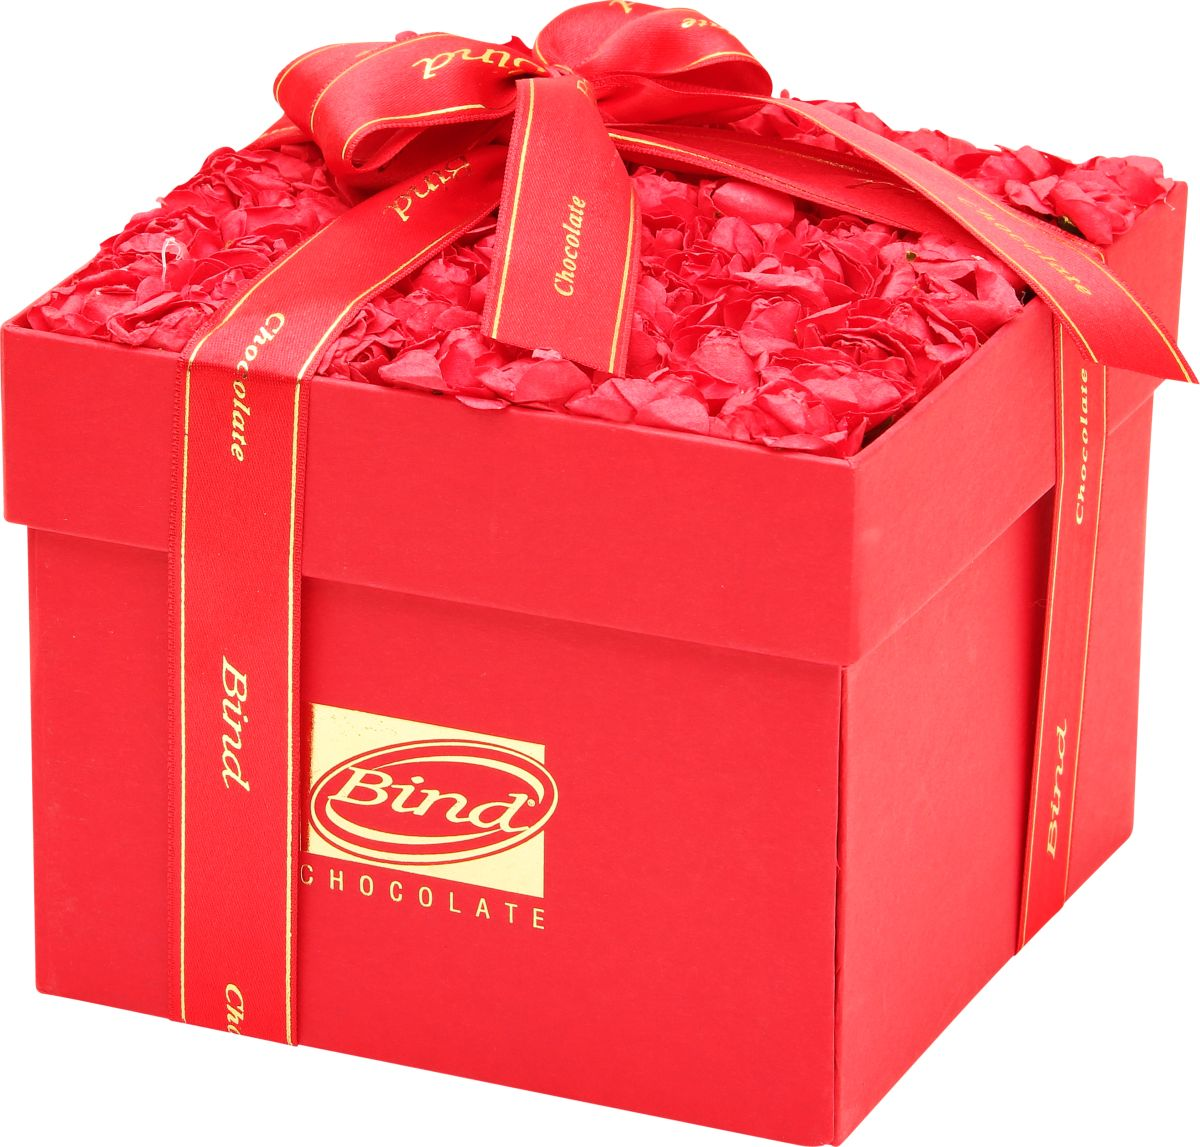 Bind Сюрприз набор шоколадных конфет, 360 г grafalex e bind 30